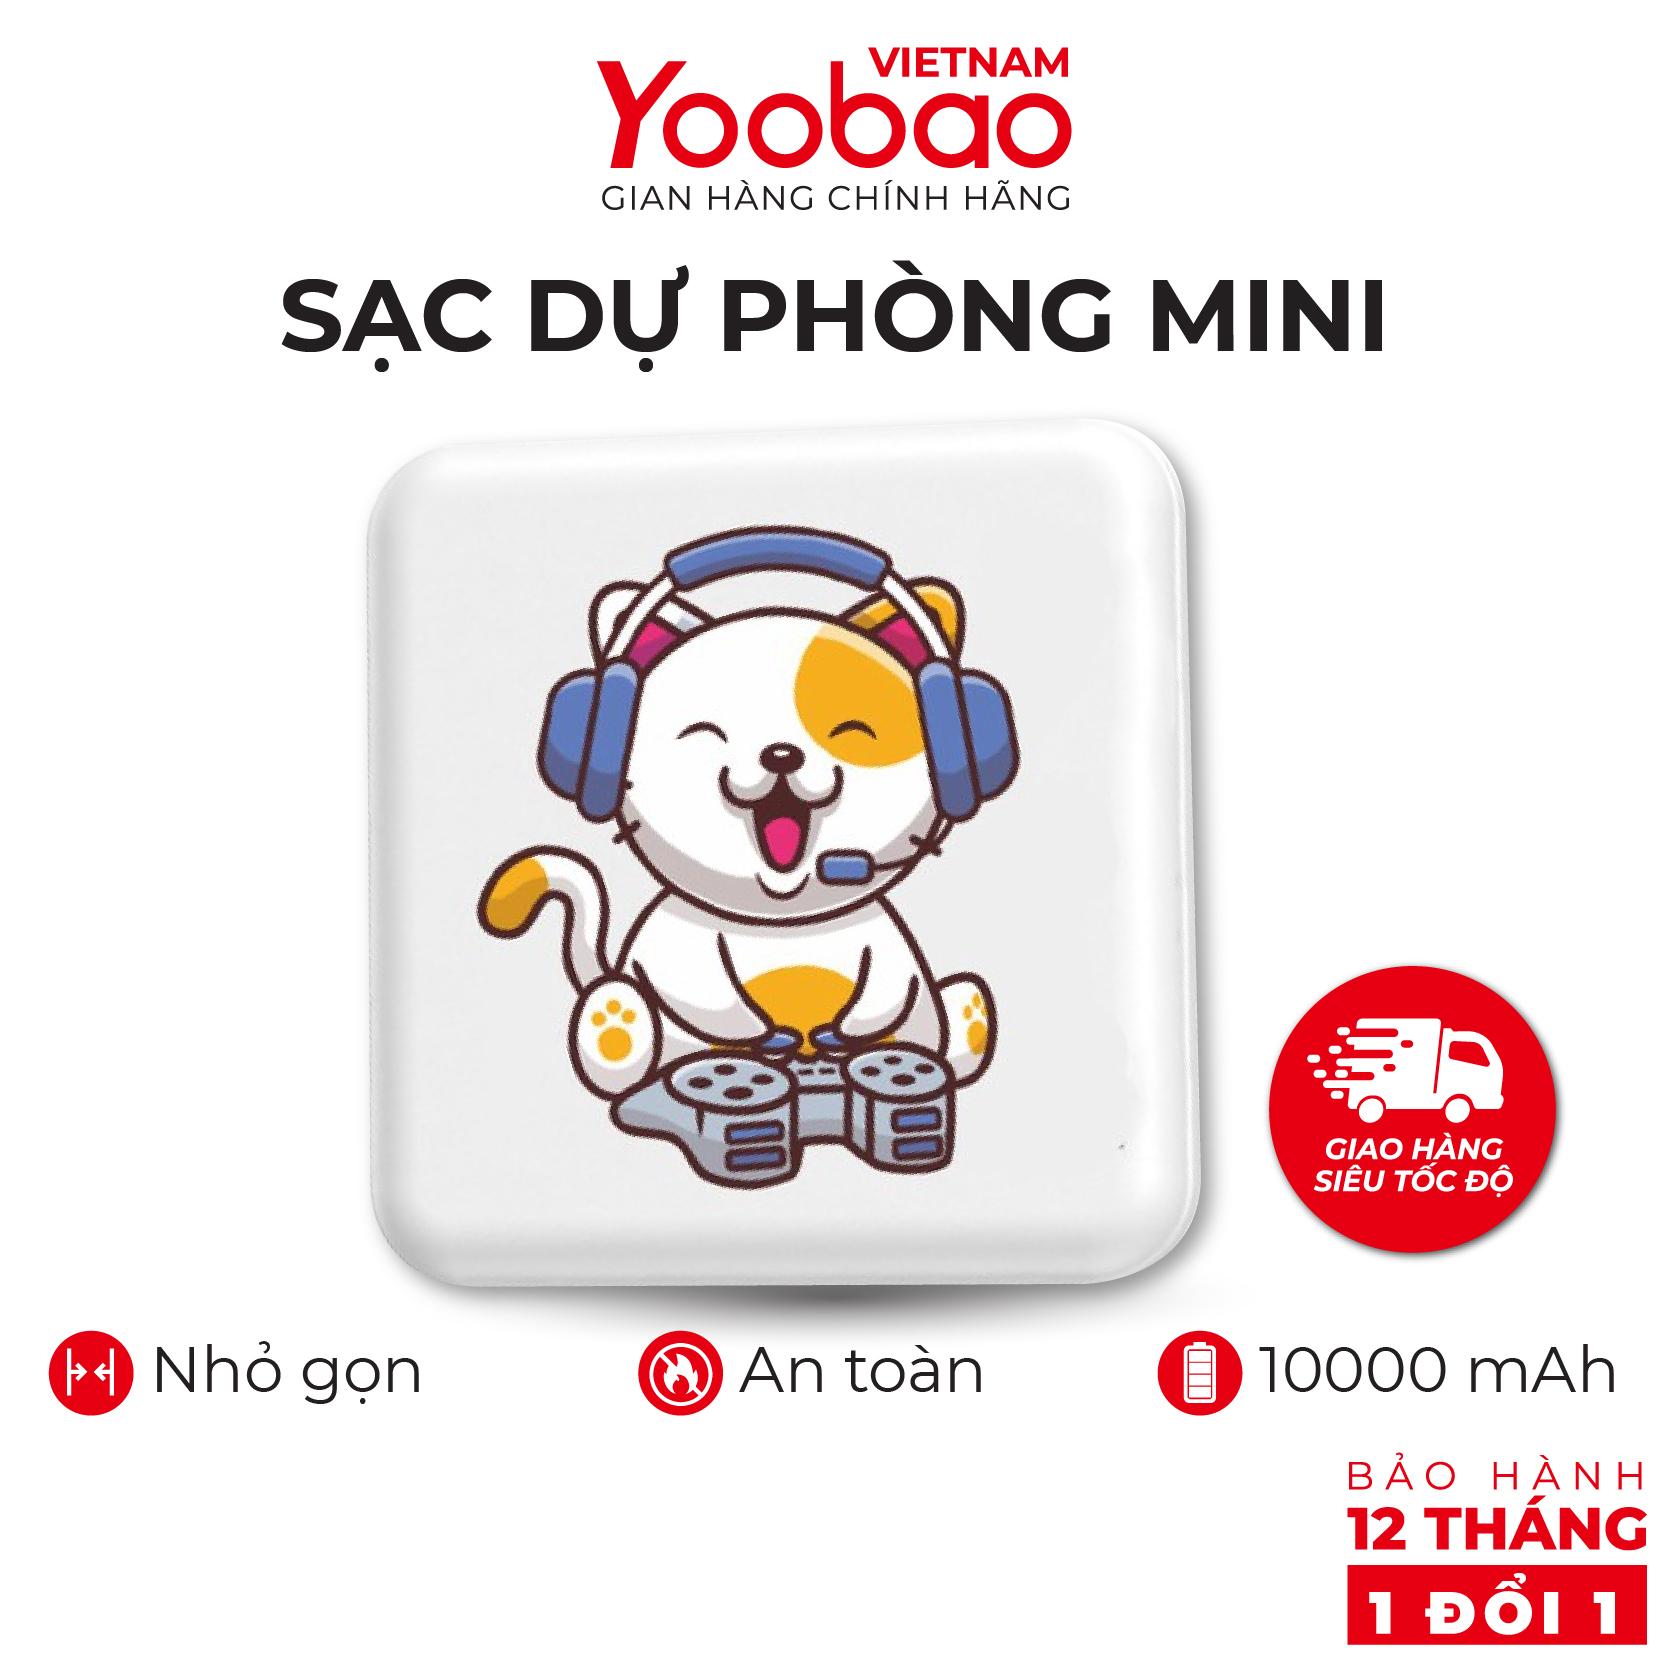 Sạc dự phòng Yoobao M4 mini dễ thương hài hước 10000mAh Pin Li-Polymer cho điện thoại máy tính bảng... - Hàng phân phối chính hãng - Bảo hành 12 tháng 1 đổi 1